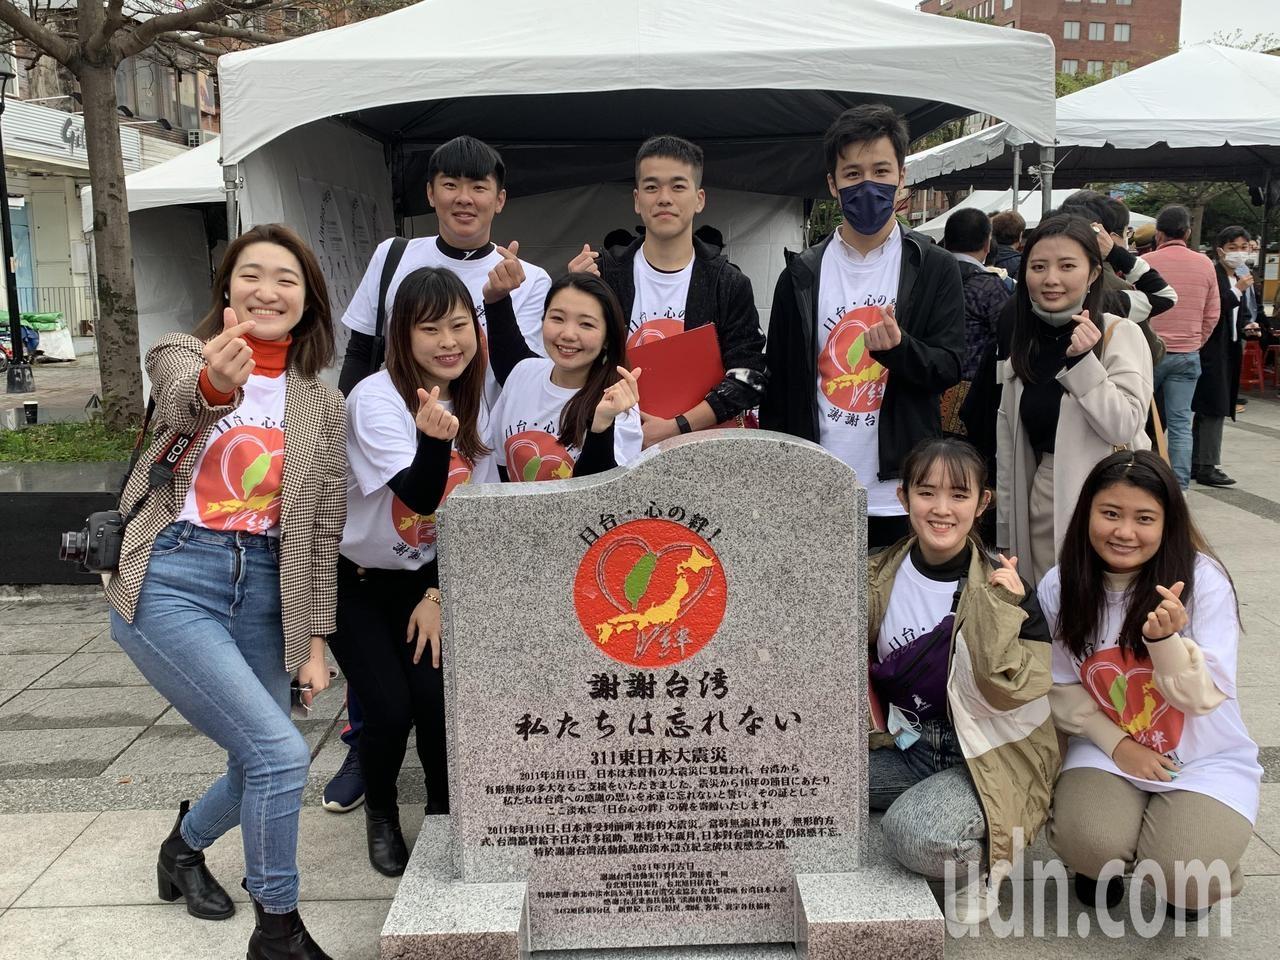 日本2011年發生的311大地震造成嚴重災情,日本在台留學生為表感謝之意,每年都會在台辦理「謝謝台灣」活動。圖/聯合資料照